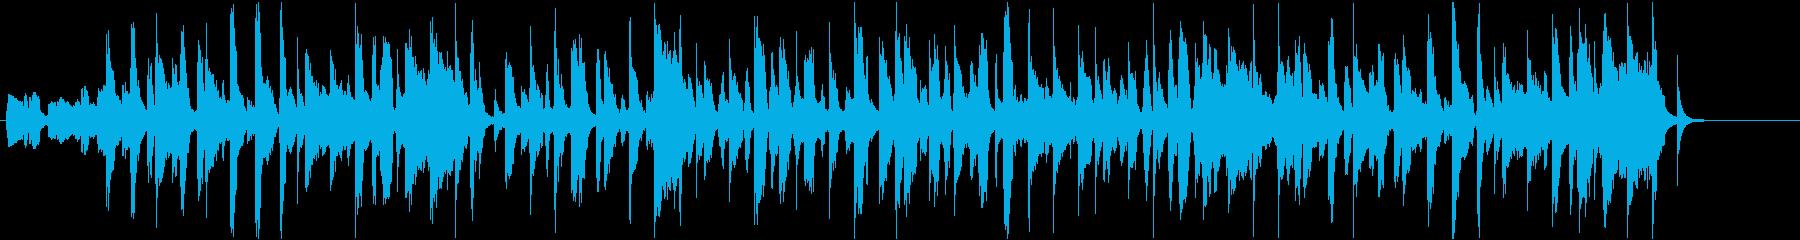 イイダコをテーマにした楽曲の再生済みの波形